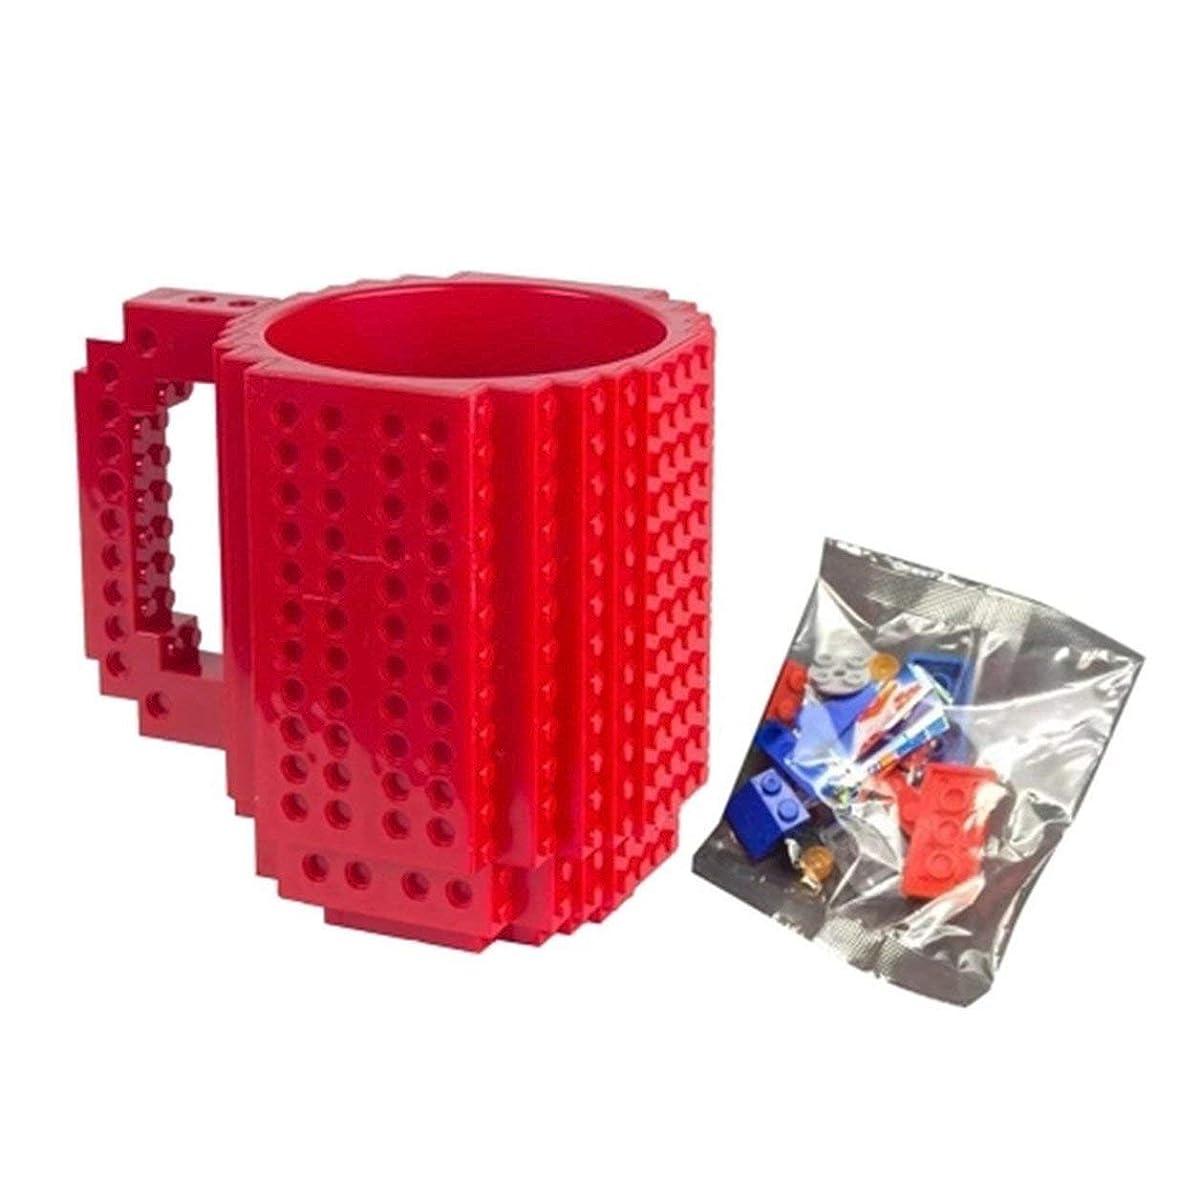 スチール純粋なワードローブSaikogoods レンガマグカップDIY?ビルディング?ブロックのコーヒーカップを構築 赤